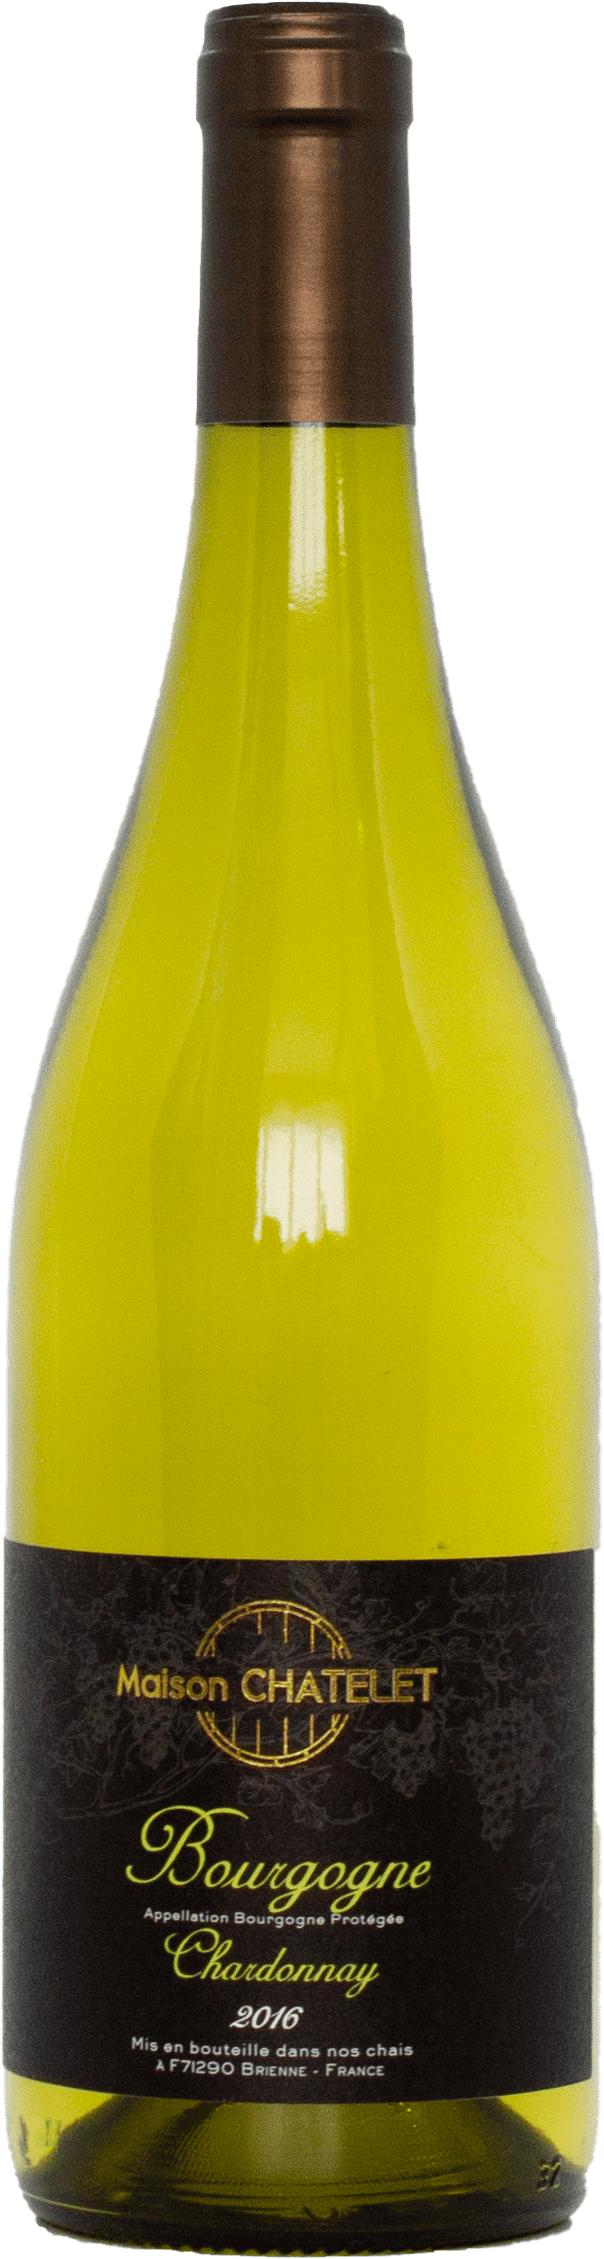 Maison Chatelet Bourgogne Chardonnay